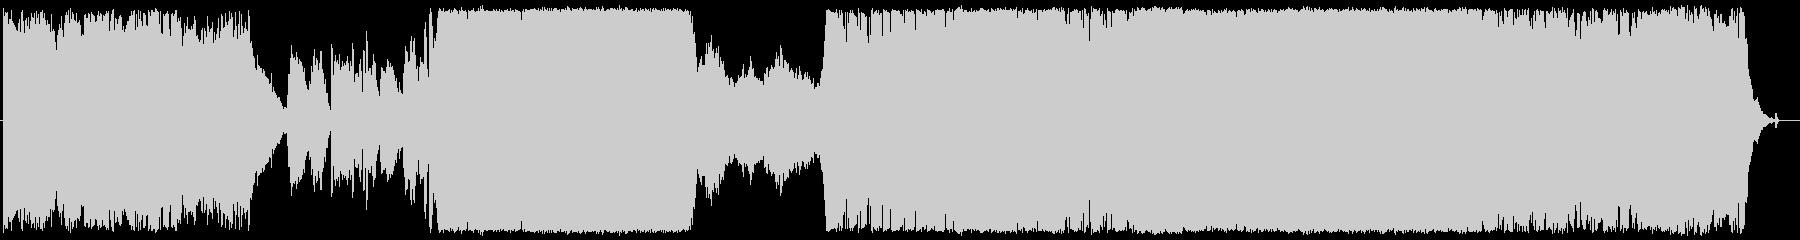 オーケストラ音源を使用したインストの未再生の波形